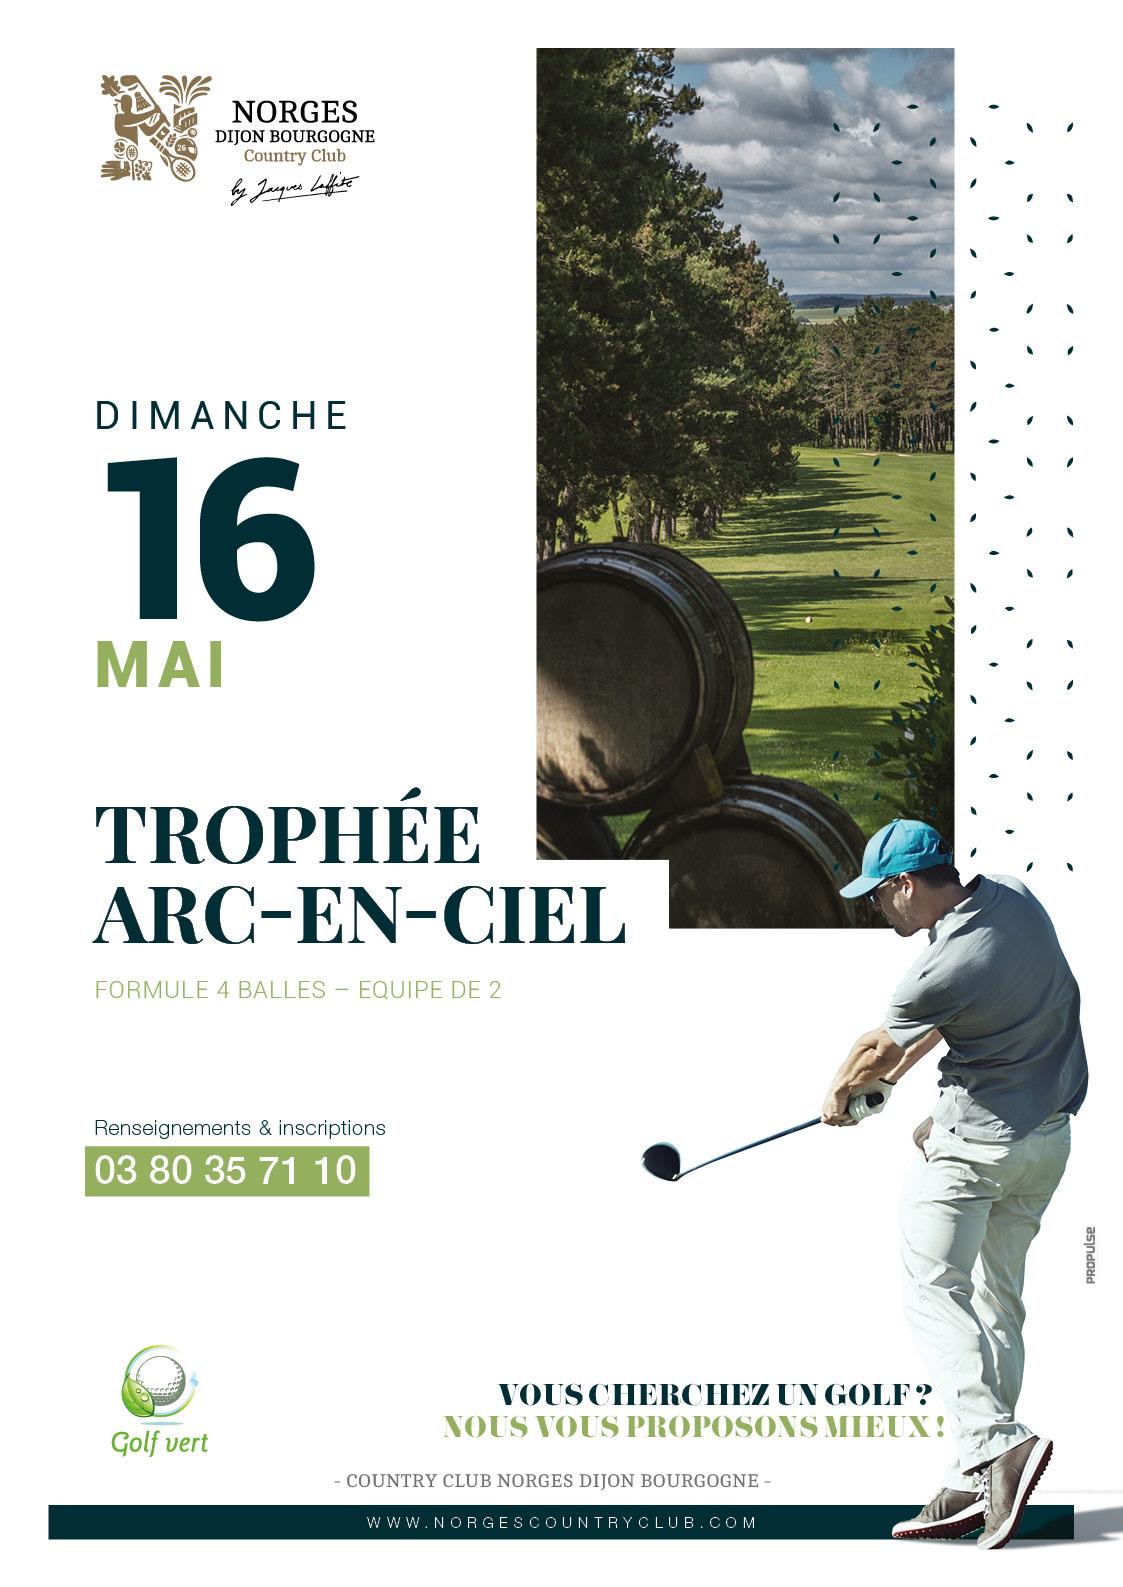 Trophée Arc-en-ciel